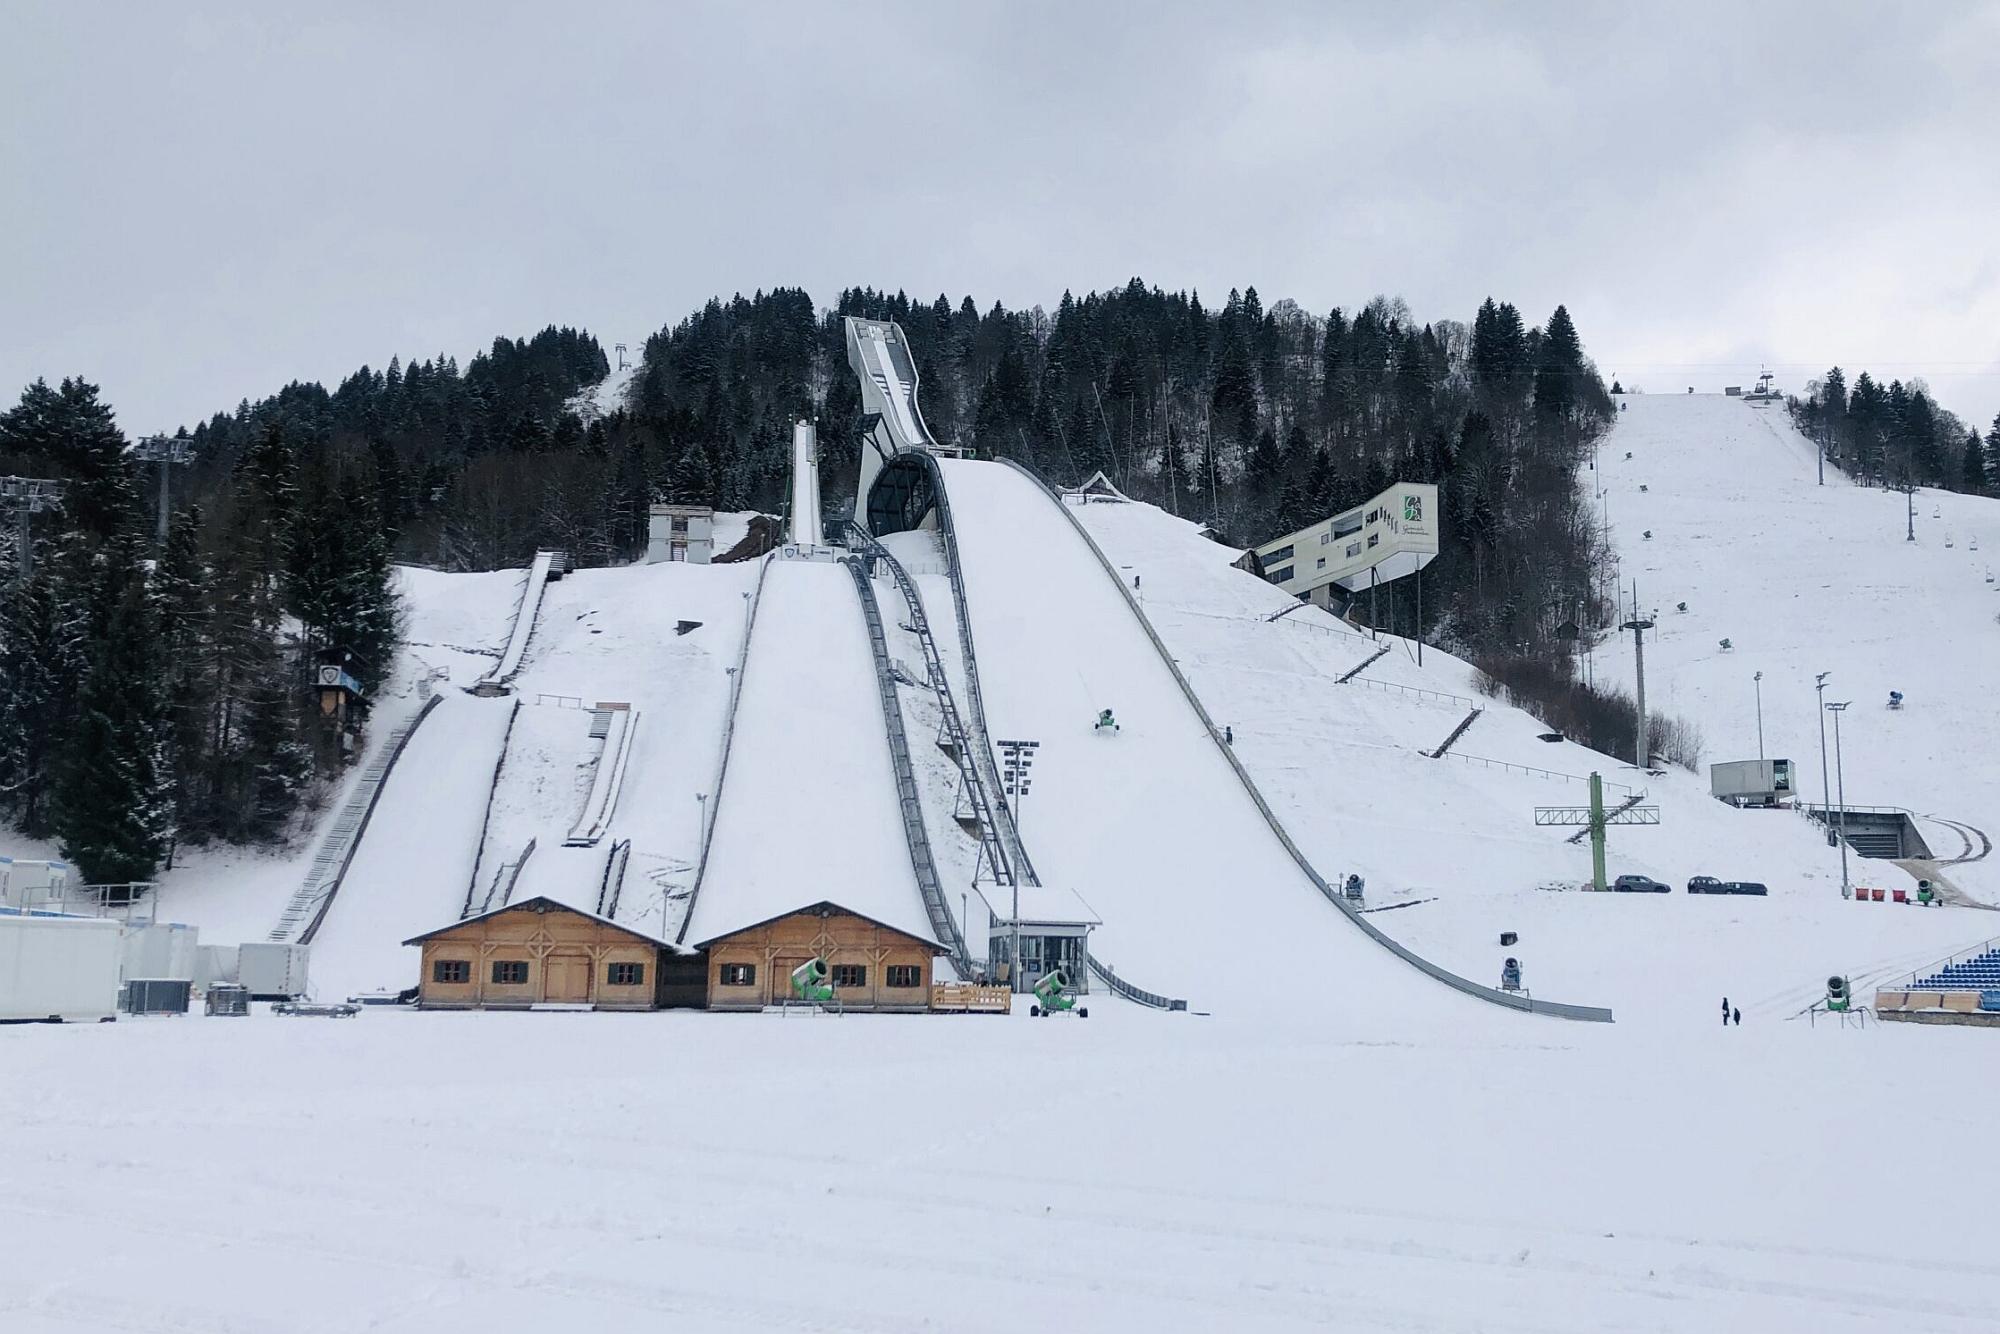 Zawody Turnieju Czterech Skoczni w Garmisch-Partenkirchen bez kibiców!